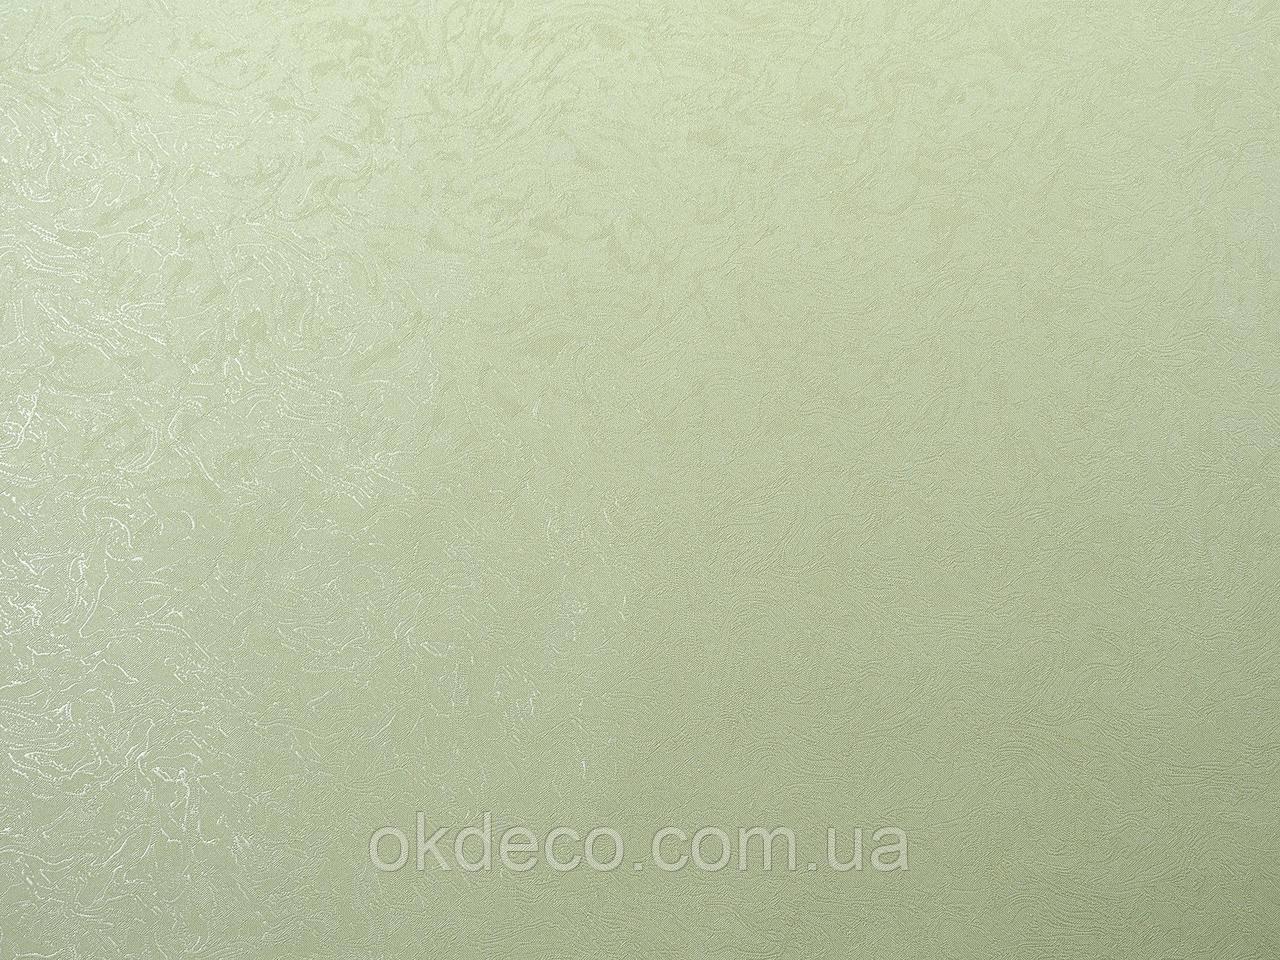 Обои виниловые на флизелиновой основе ArtGrand Assorti 936AS38